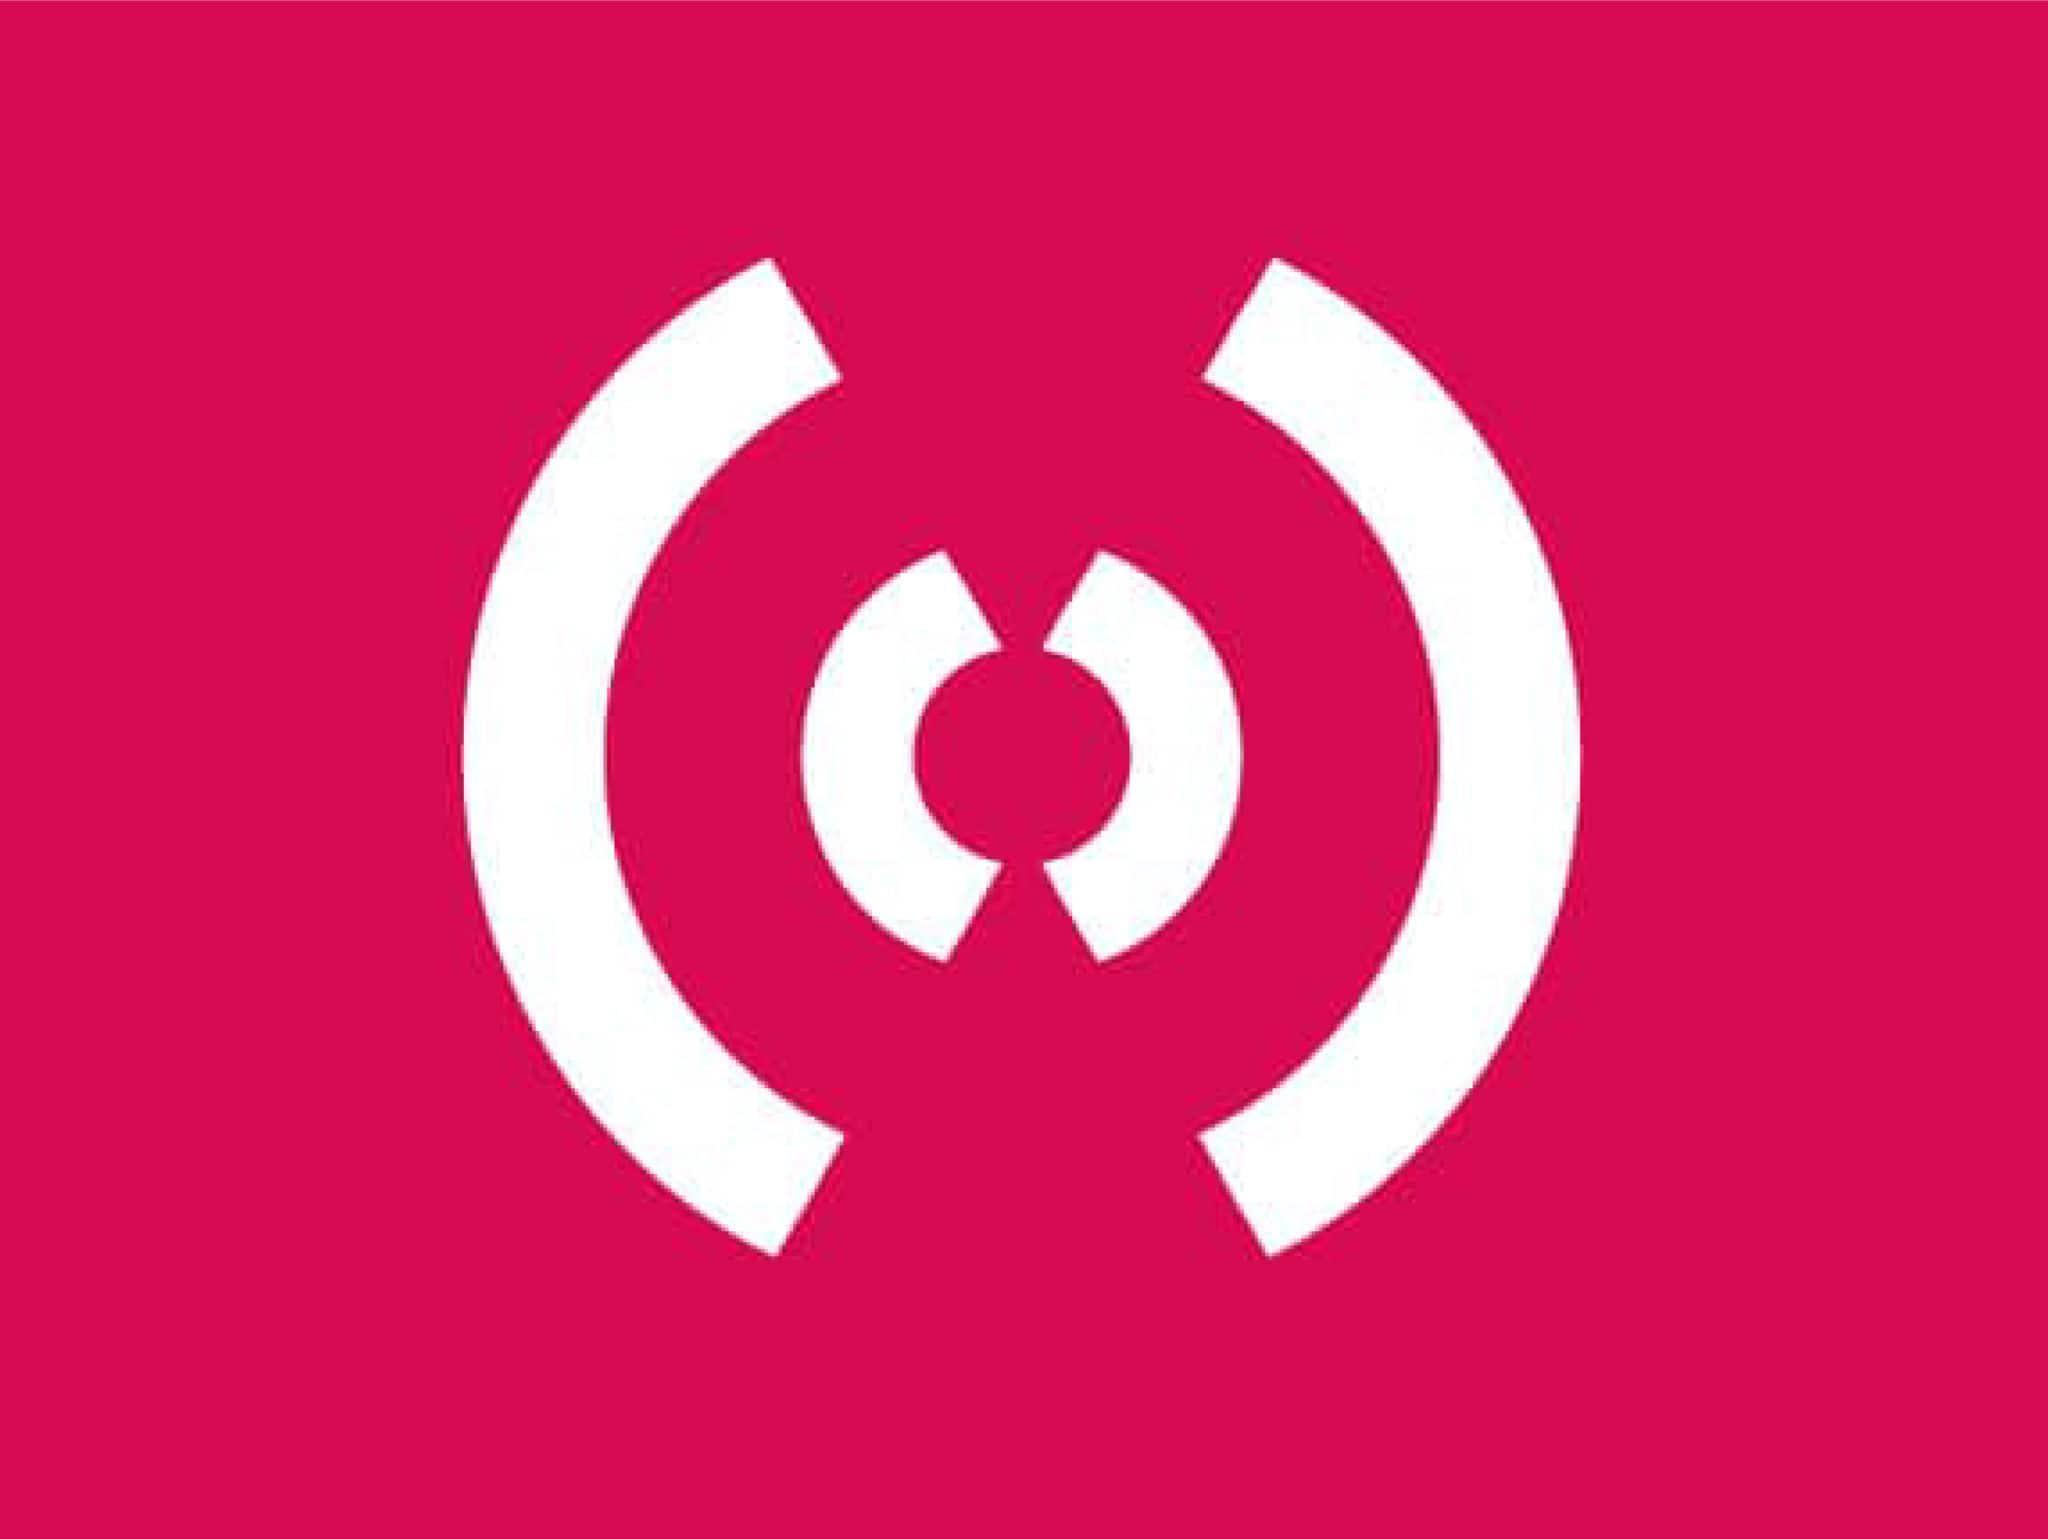 logo_objetconnecte_net